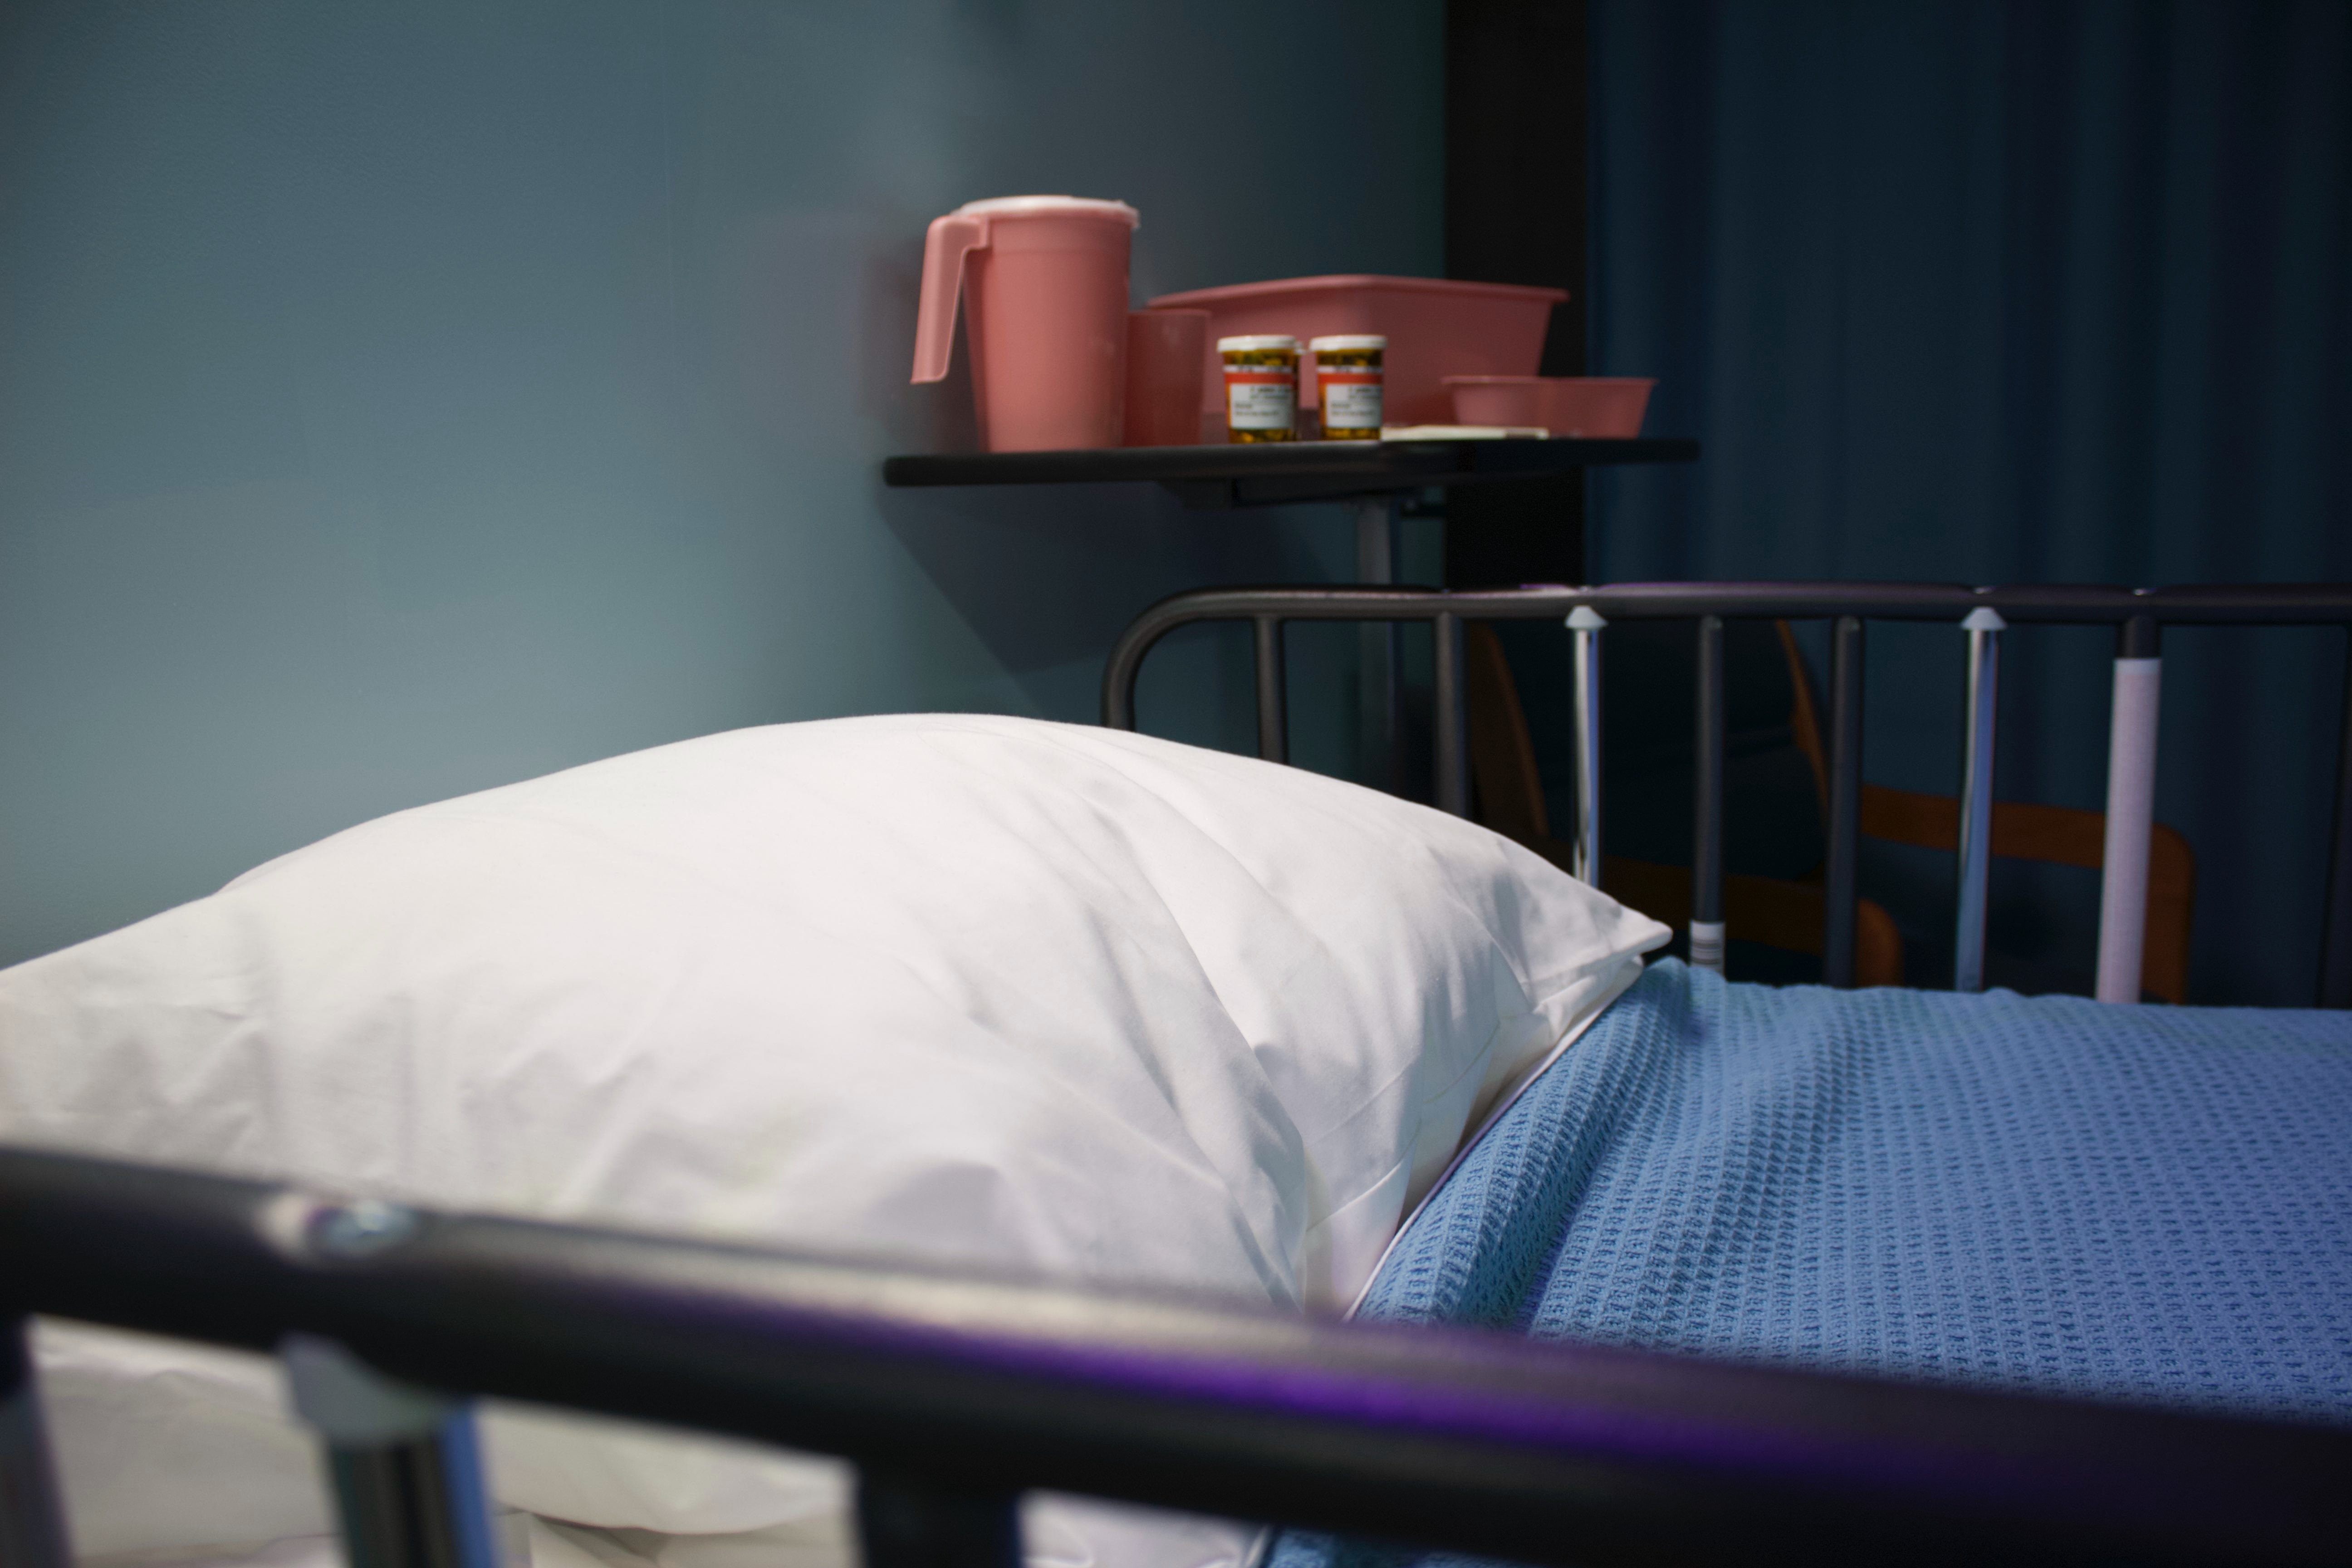 Vírus sobrevivem por até 5 dias em hospitais a partir de pacientes internados (Foto: Unsplash)